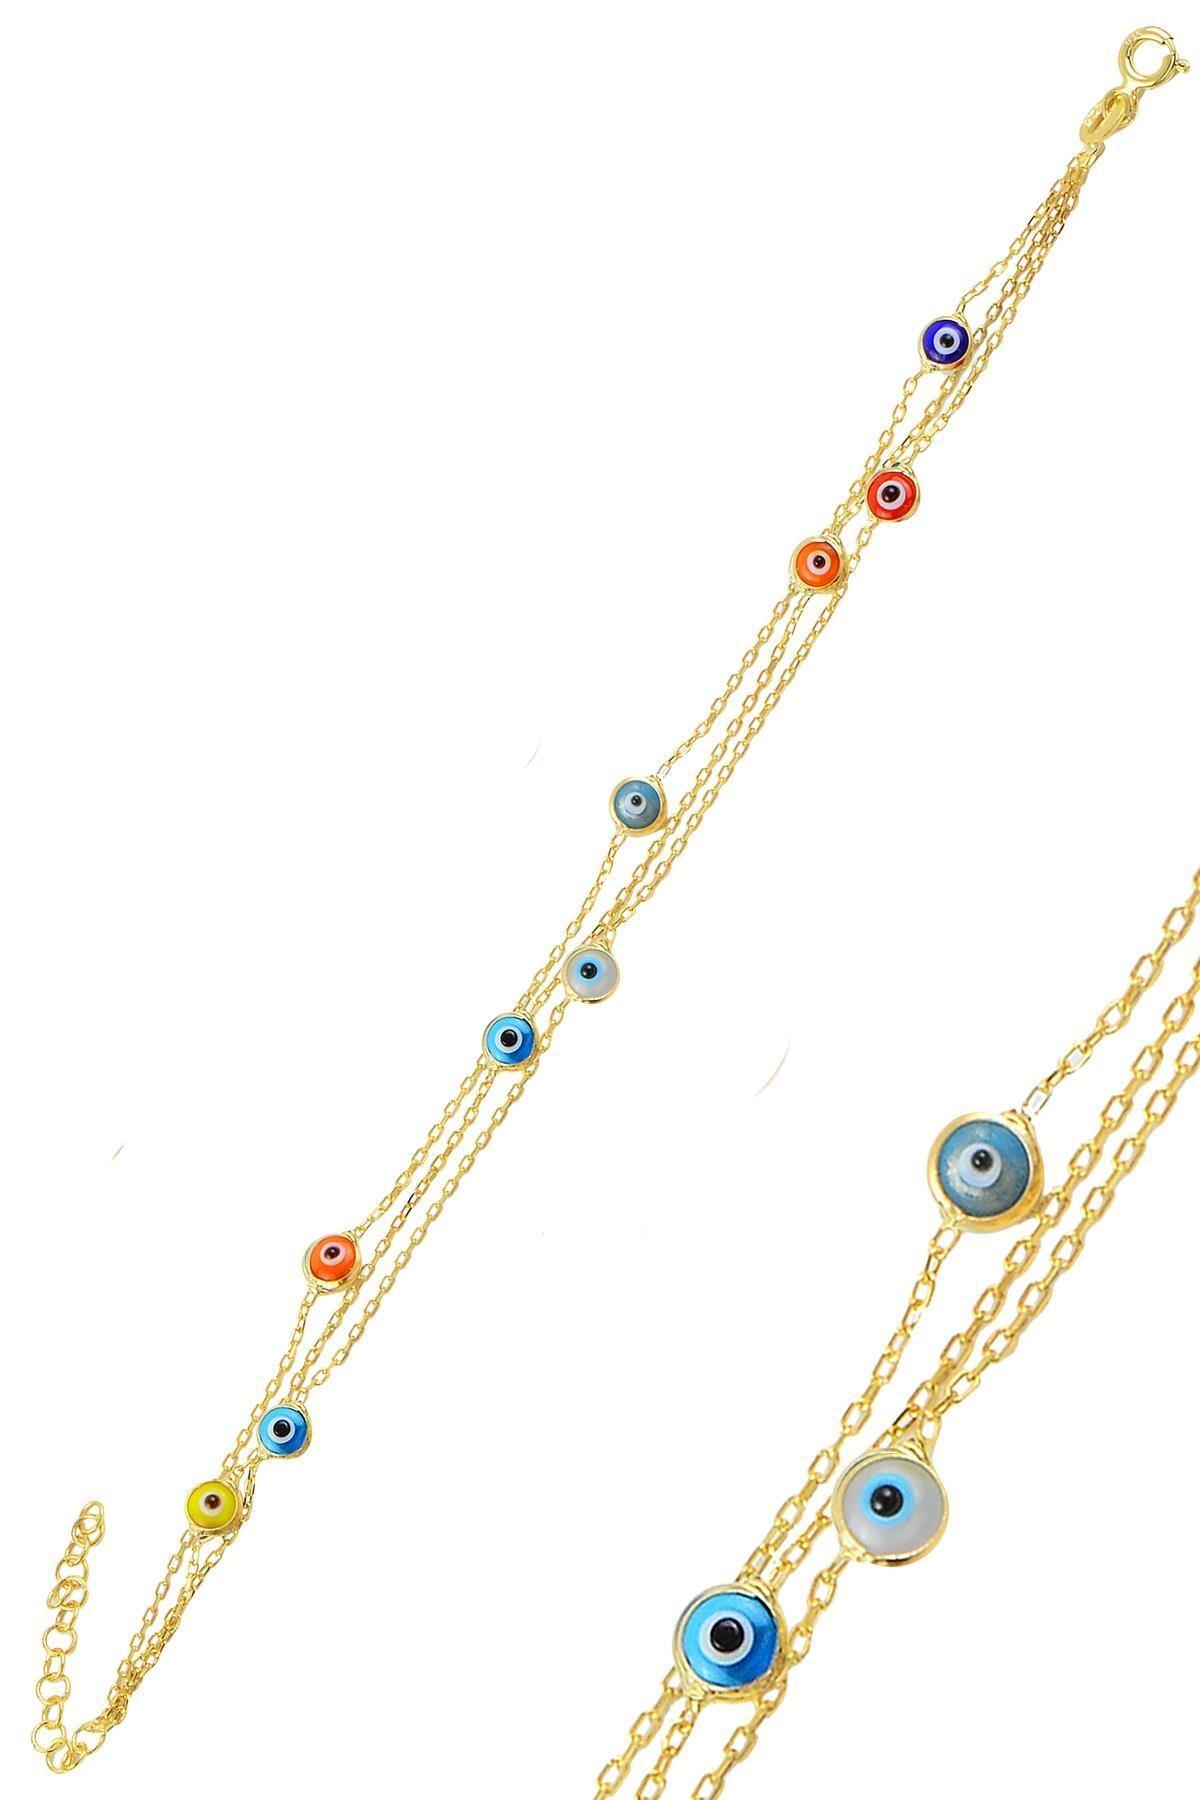 Söğütlü Silver Gümüş Altın Yaldızlı, Renkli,Cam Göz Nazar Üç Zincirli  Gümüş Bileklik 0